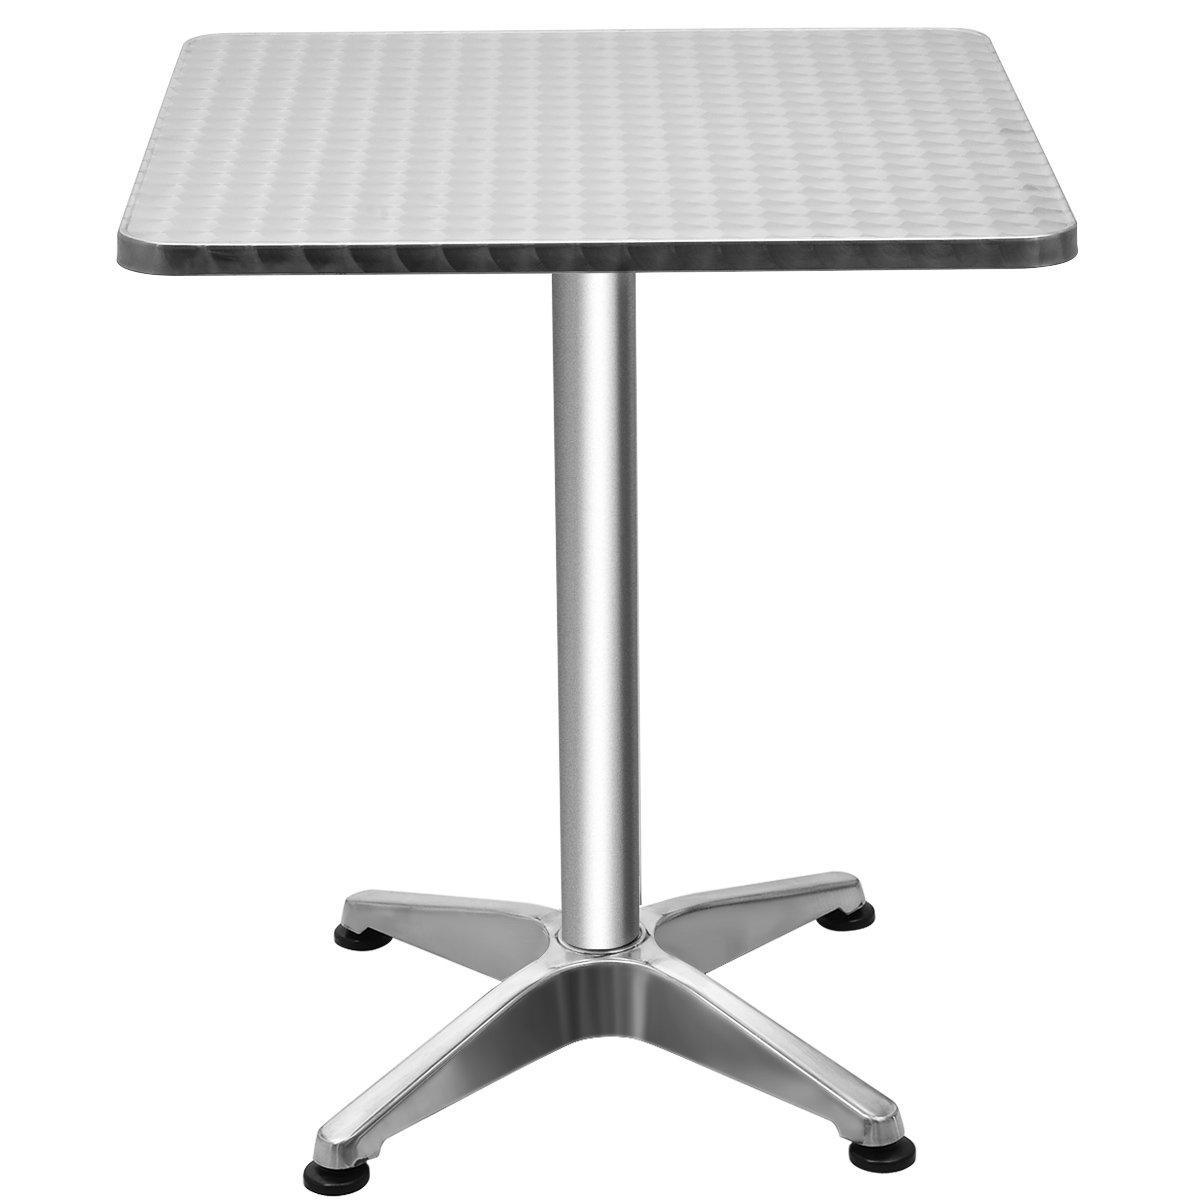 """Giantex Bistroバーテーブルスクエアトップステンレススチールindoor-outdoor家具、シルバー Square 27.5"""" Bistro Bar Table B07628P4W9   Square 27.5\"""